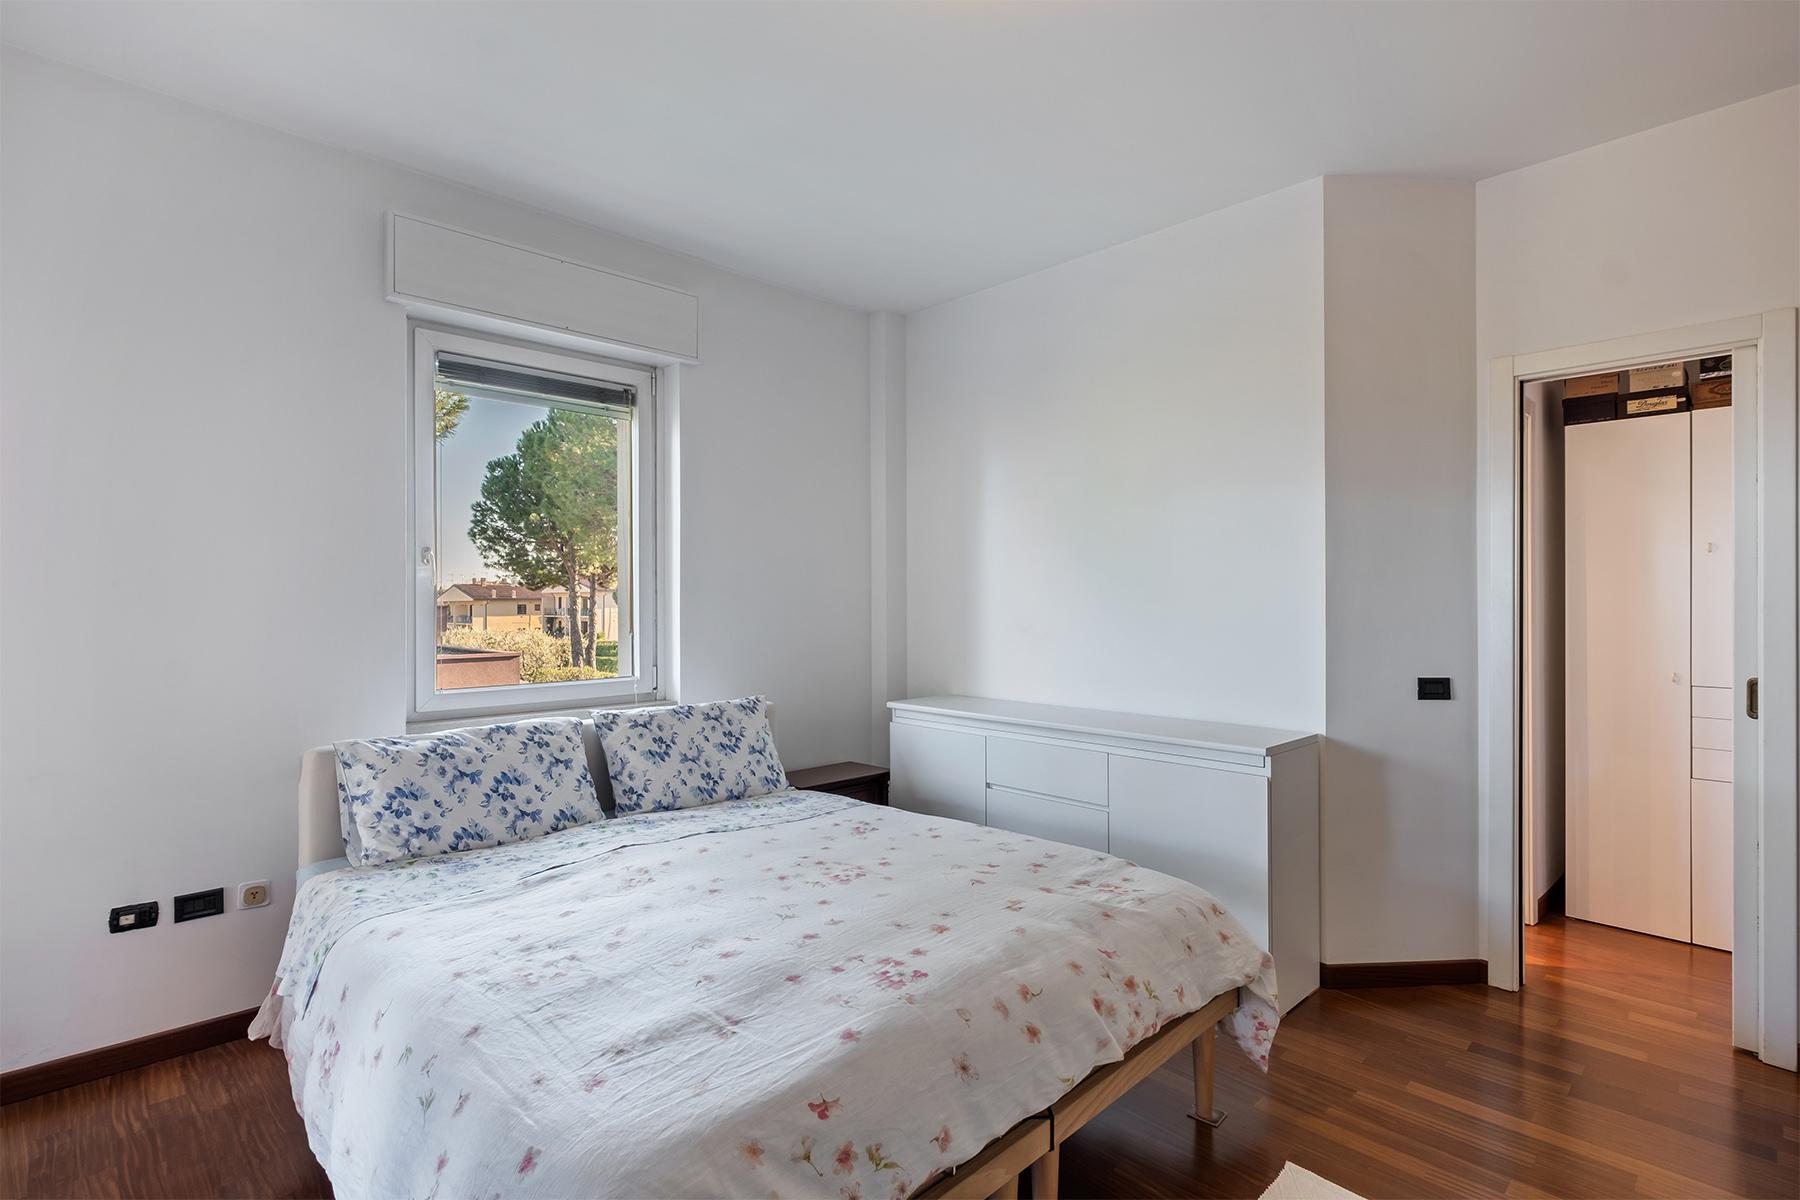 Appartamento in Vendita a Desenzano Del Garda: 5 locali, 170 mq - Foto 16